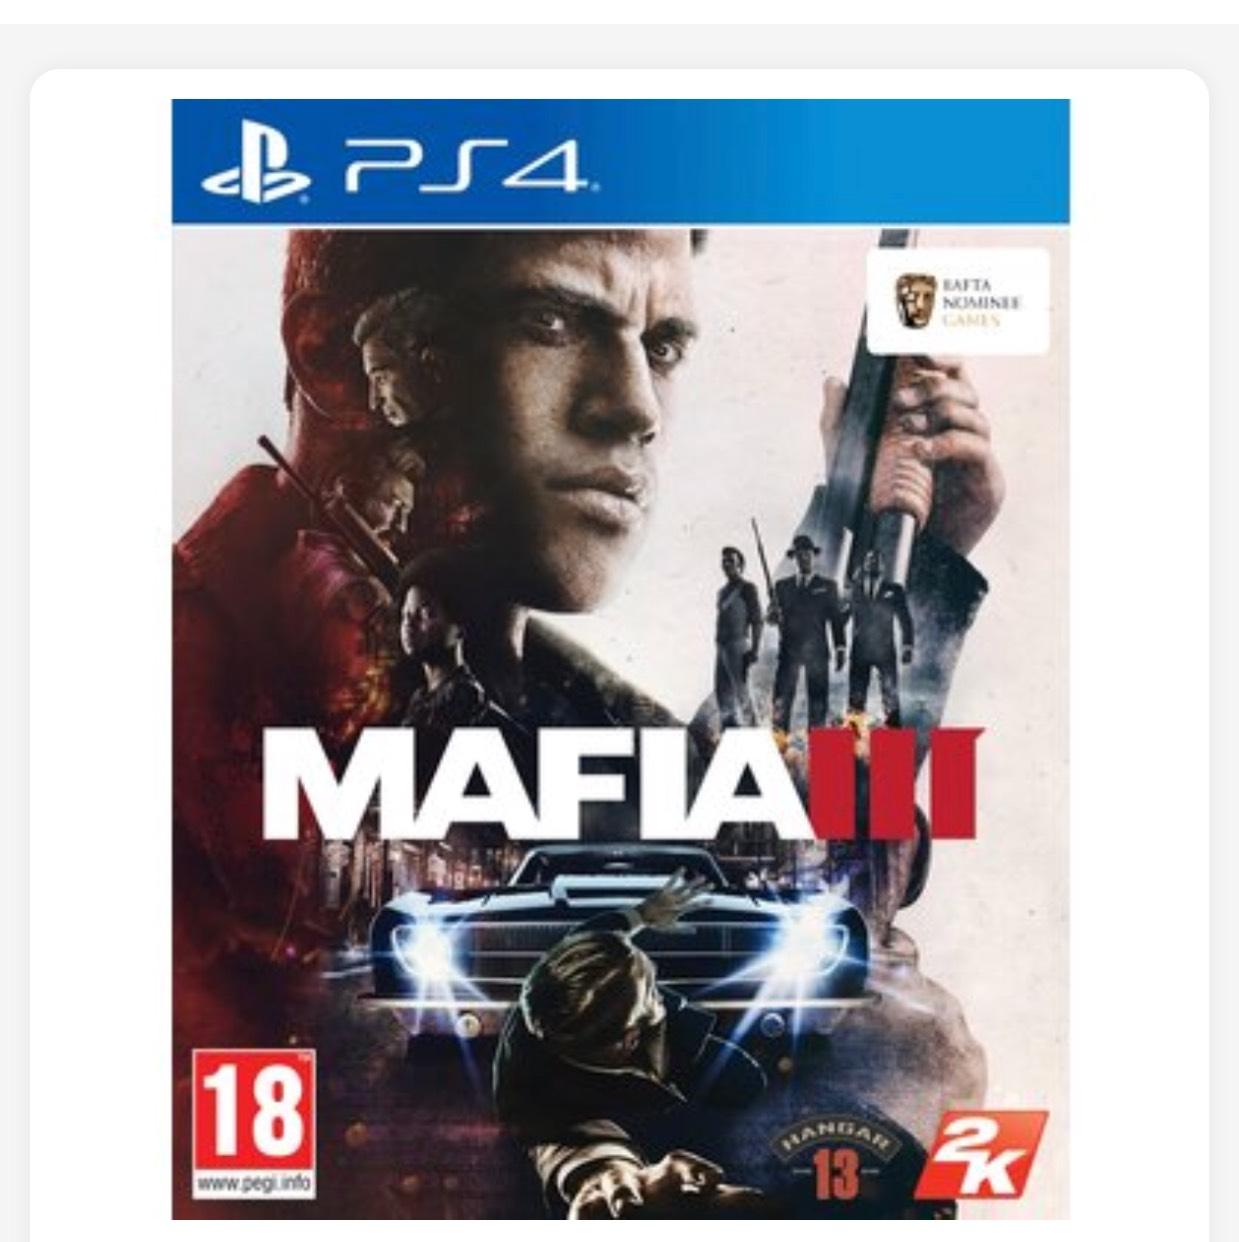 Mafia 3 PS4 £10.99 @ Smyths